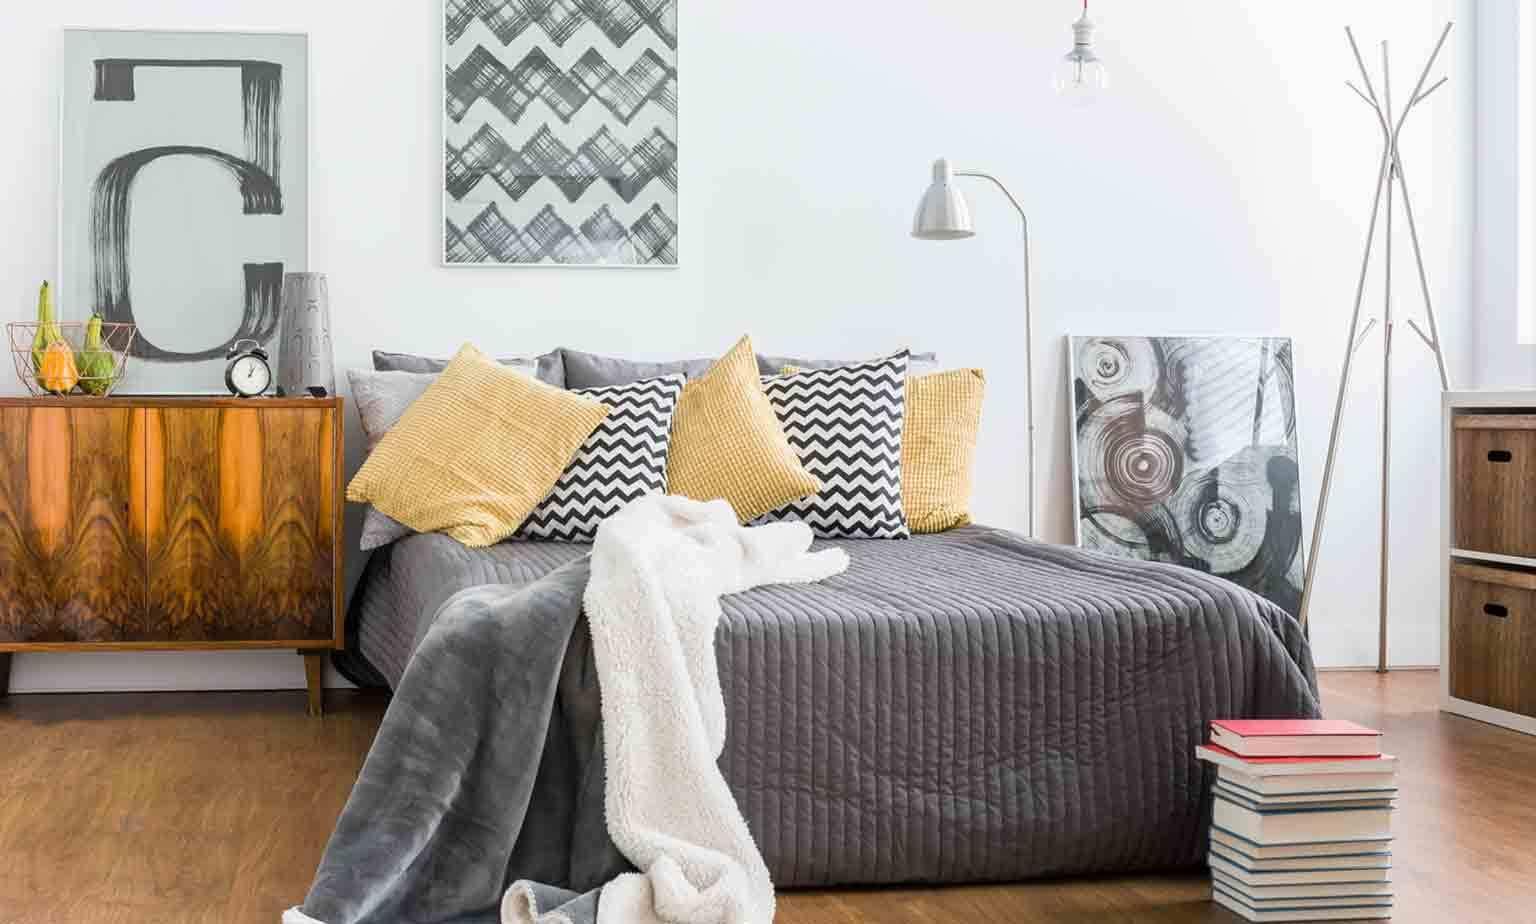 Gebrauchte Möbel für den authentischen Vintage-Style | eBay Events